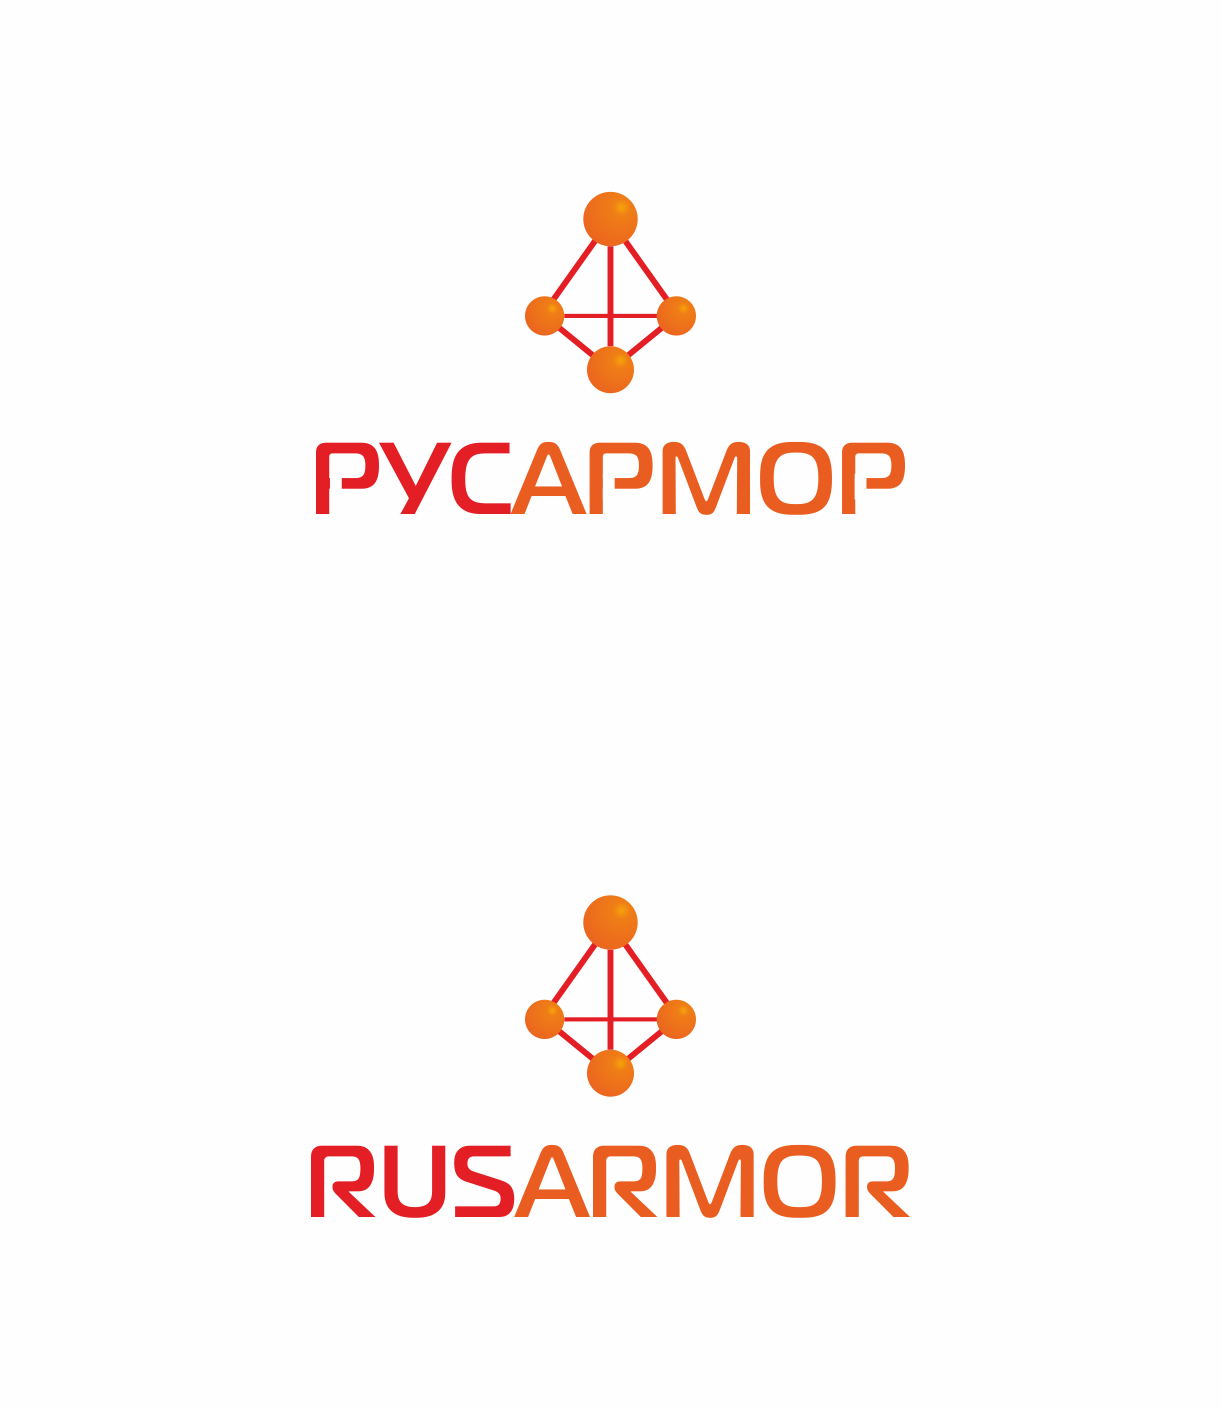 Разработка логотипа технологического стартапа РУСАРМОР фото f_2565a07cc1f3db1e.png